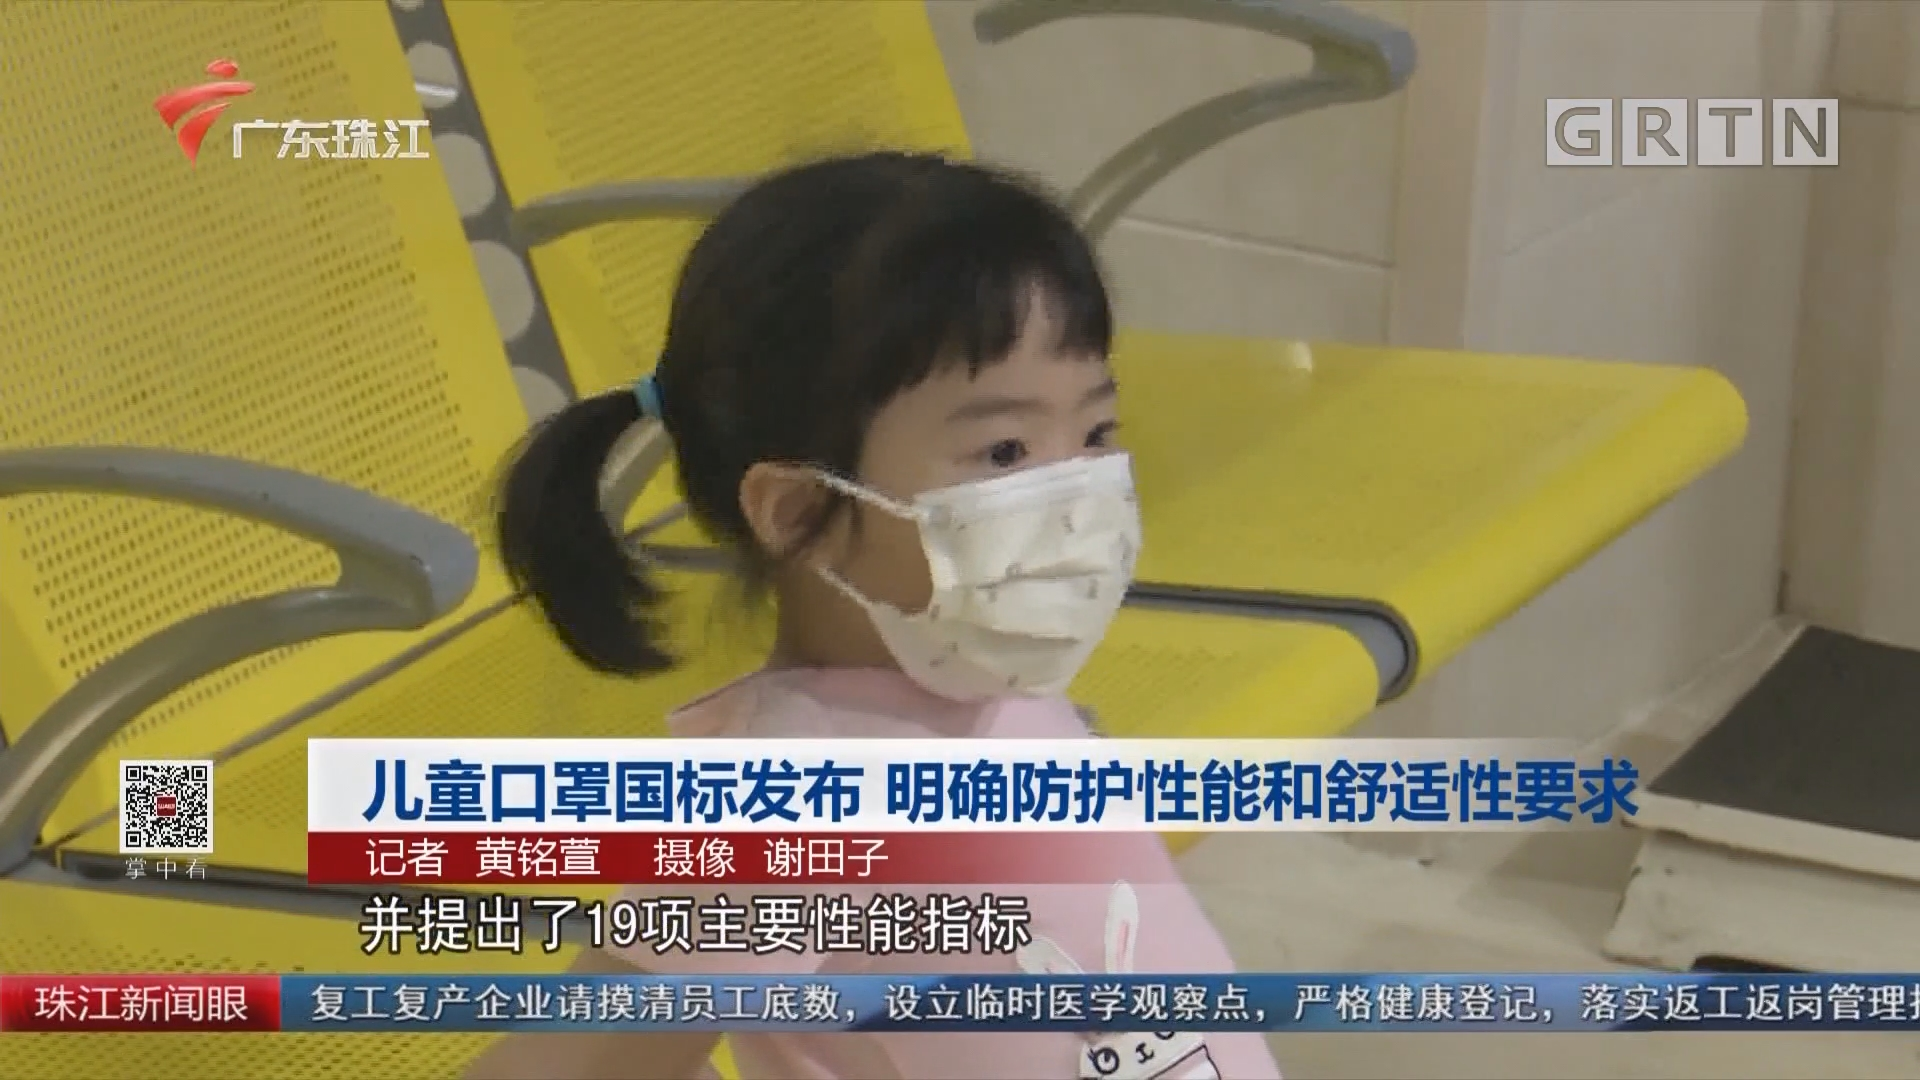 兒童口罩國標發布 明確防護性能和舒適性要求